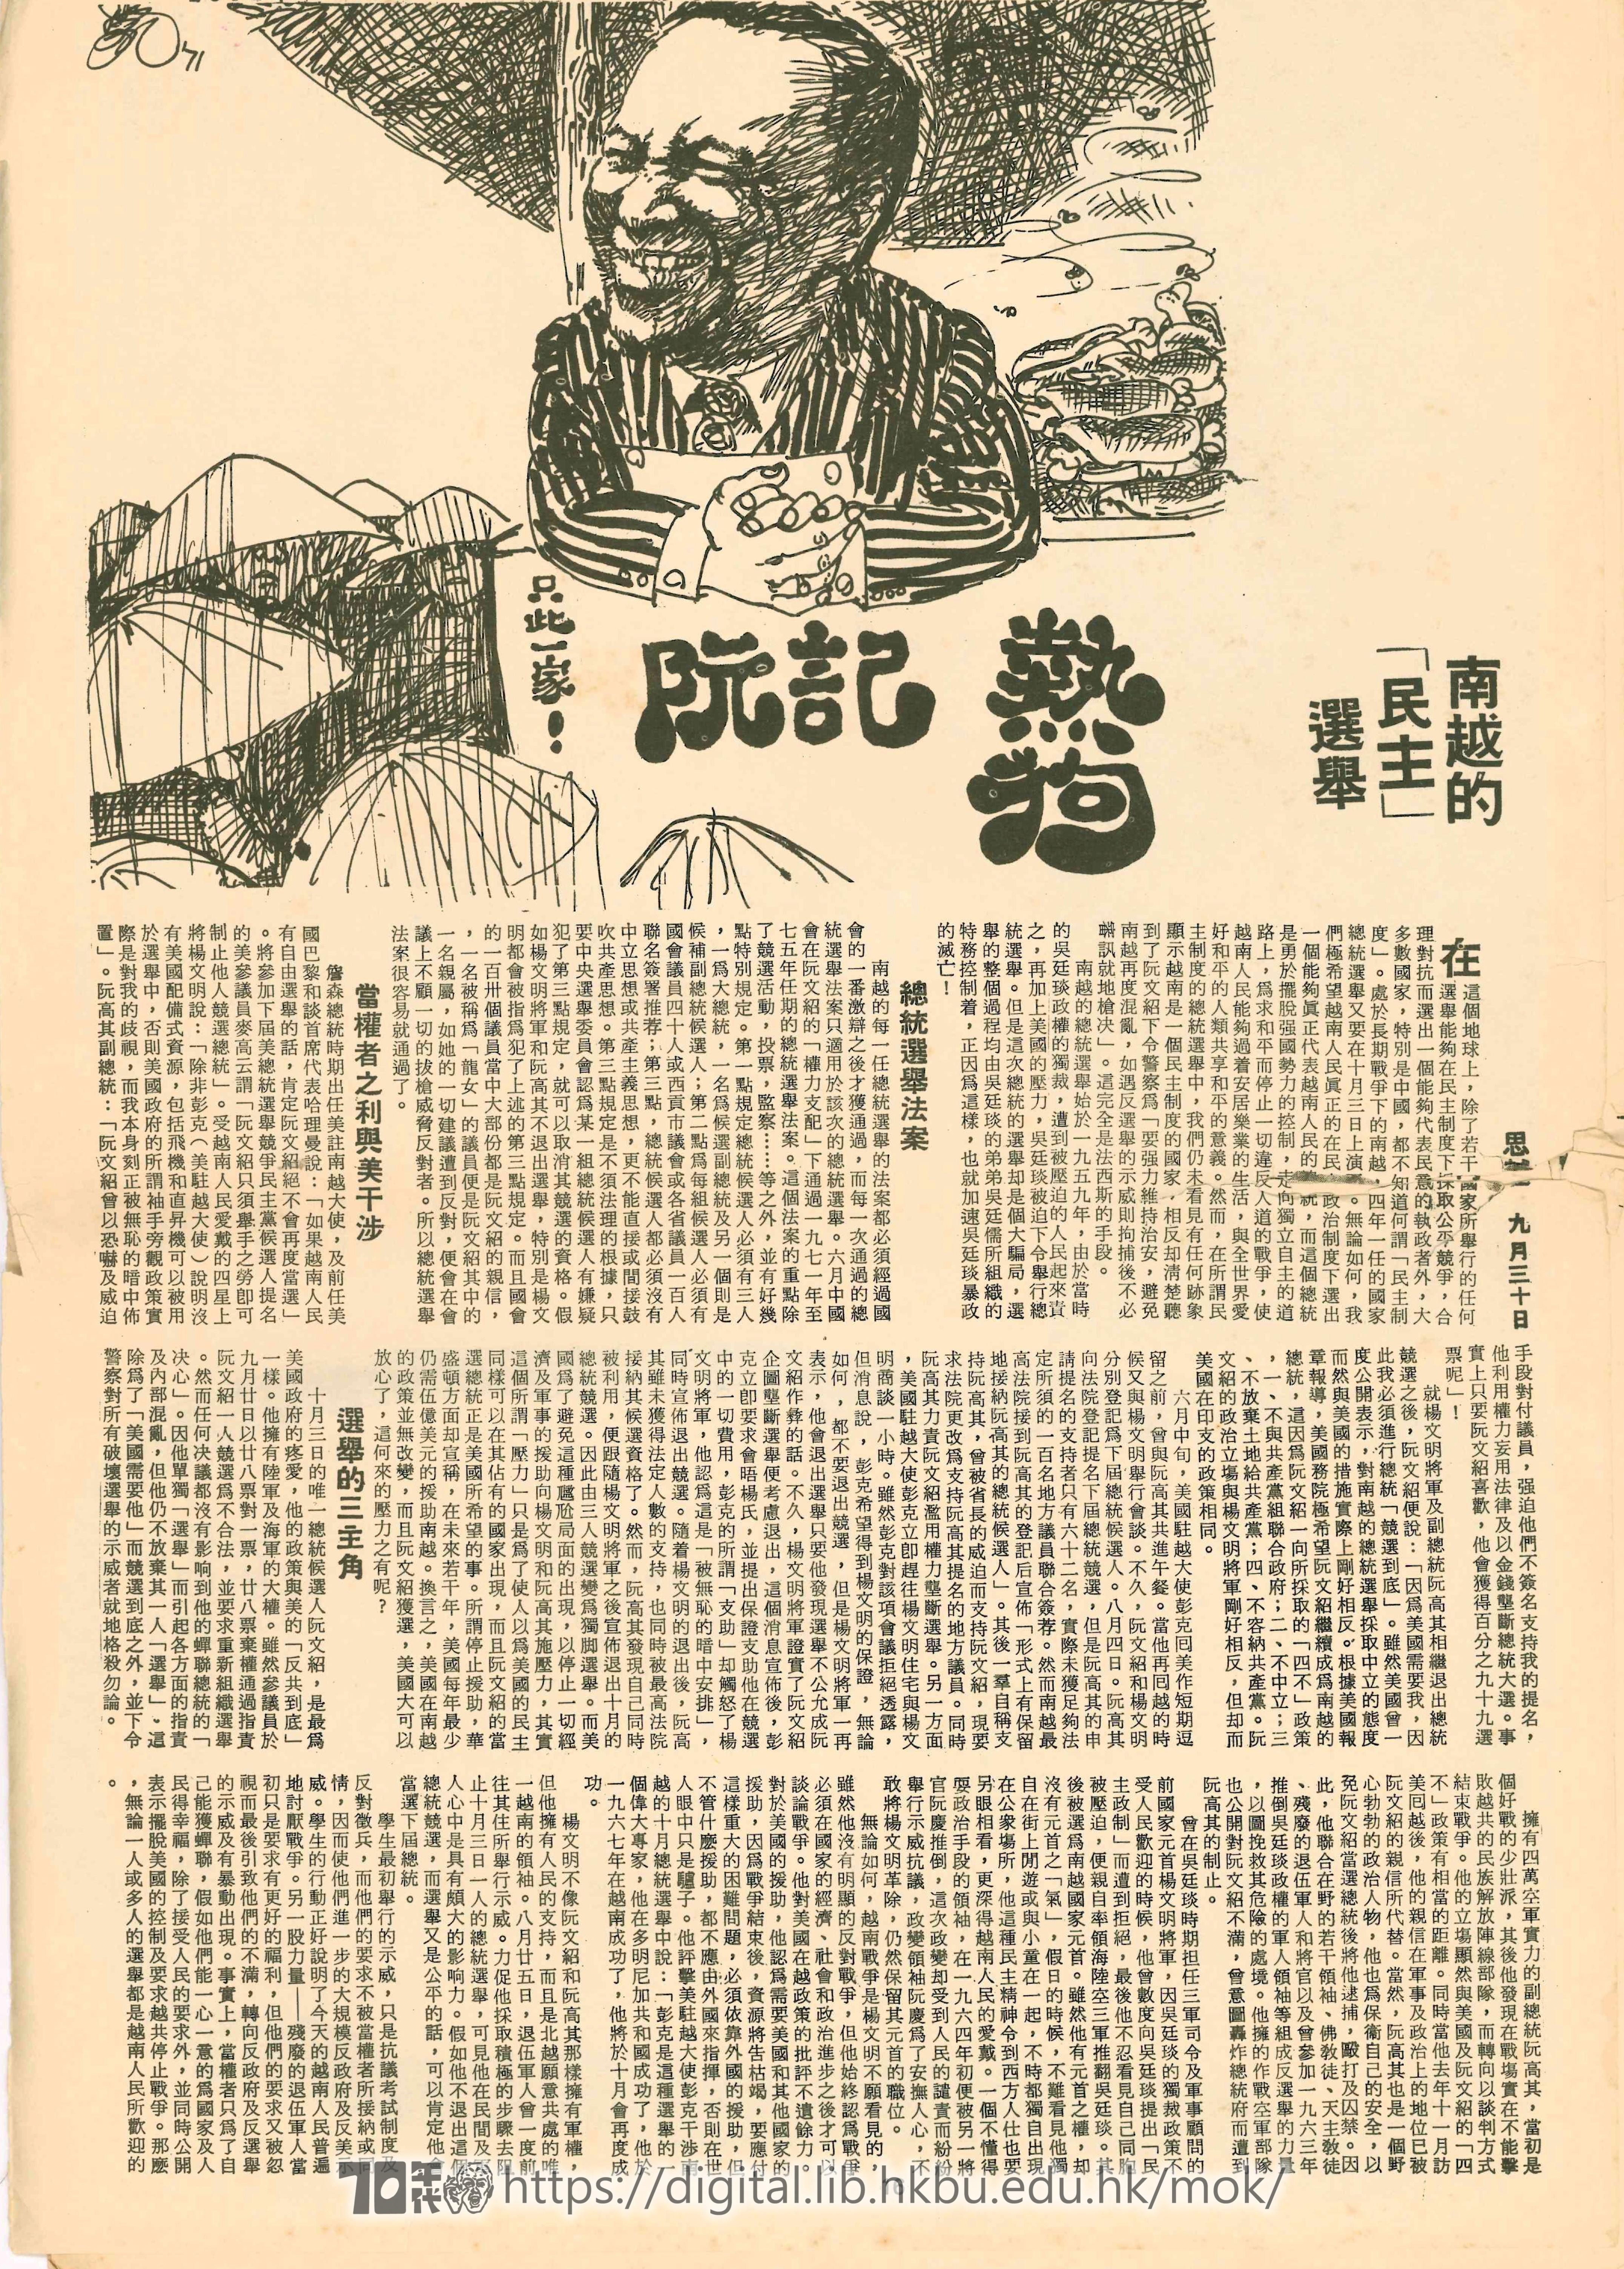 70年代雙週刊 24 南越的「民主」選舉